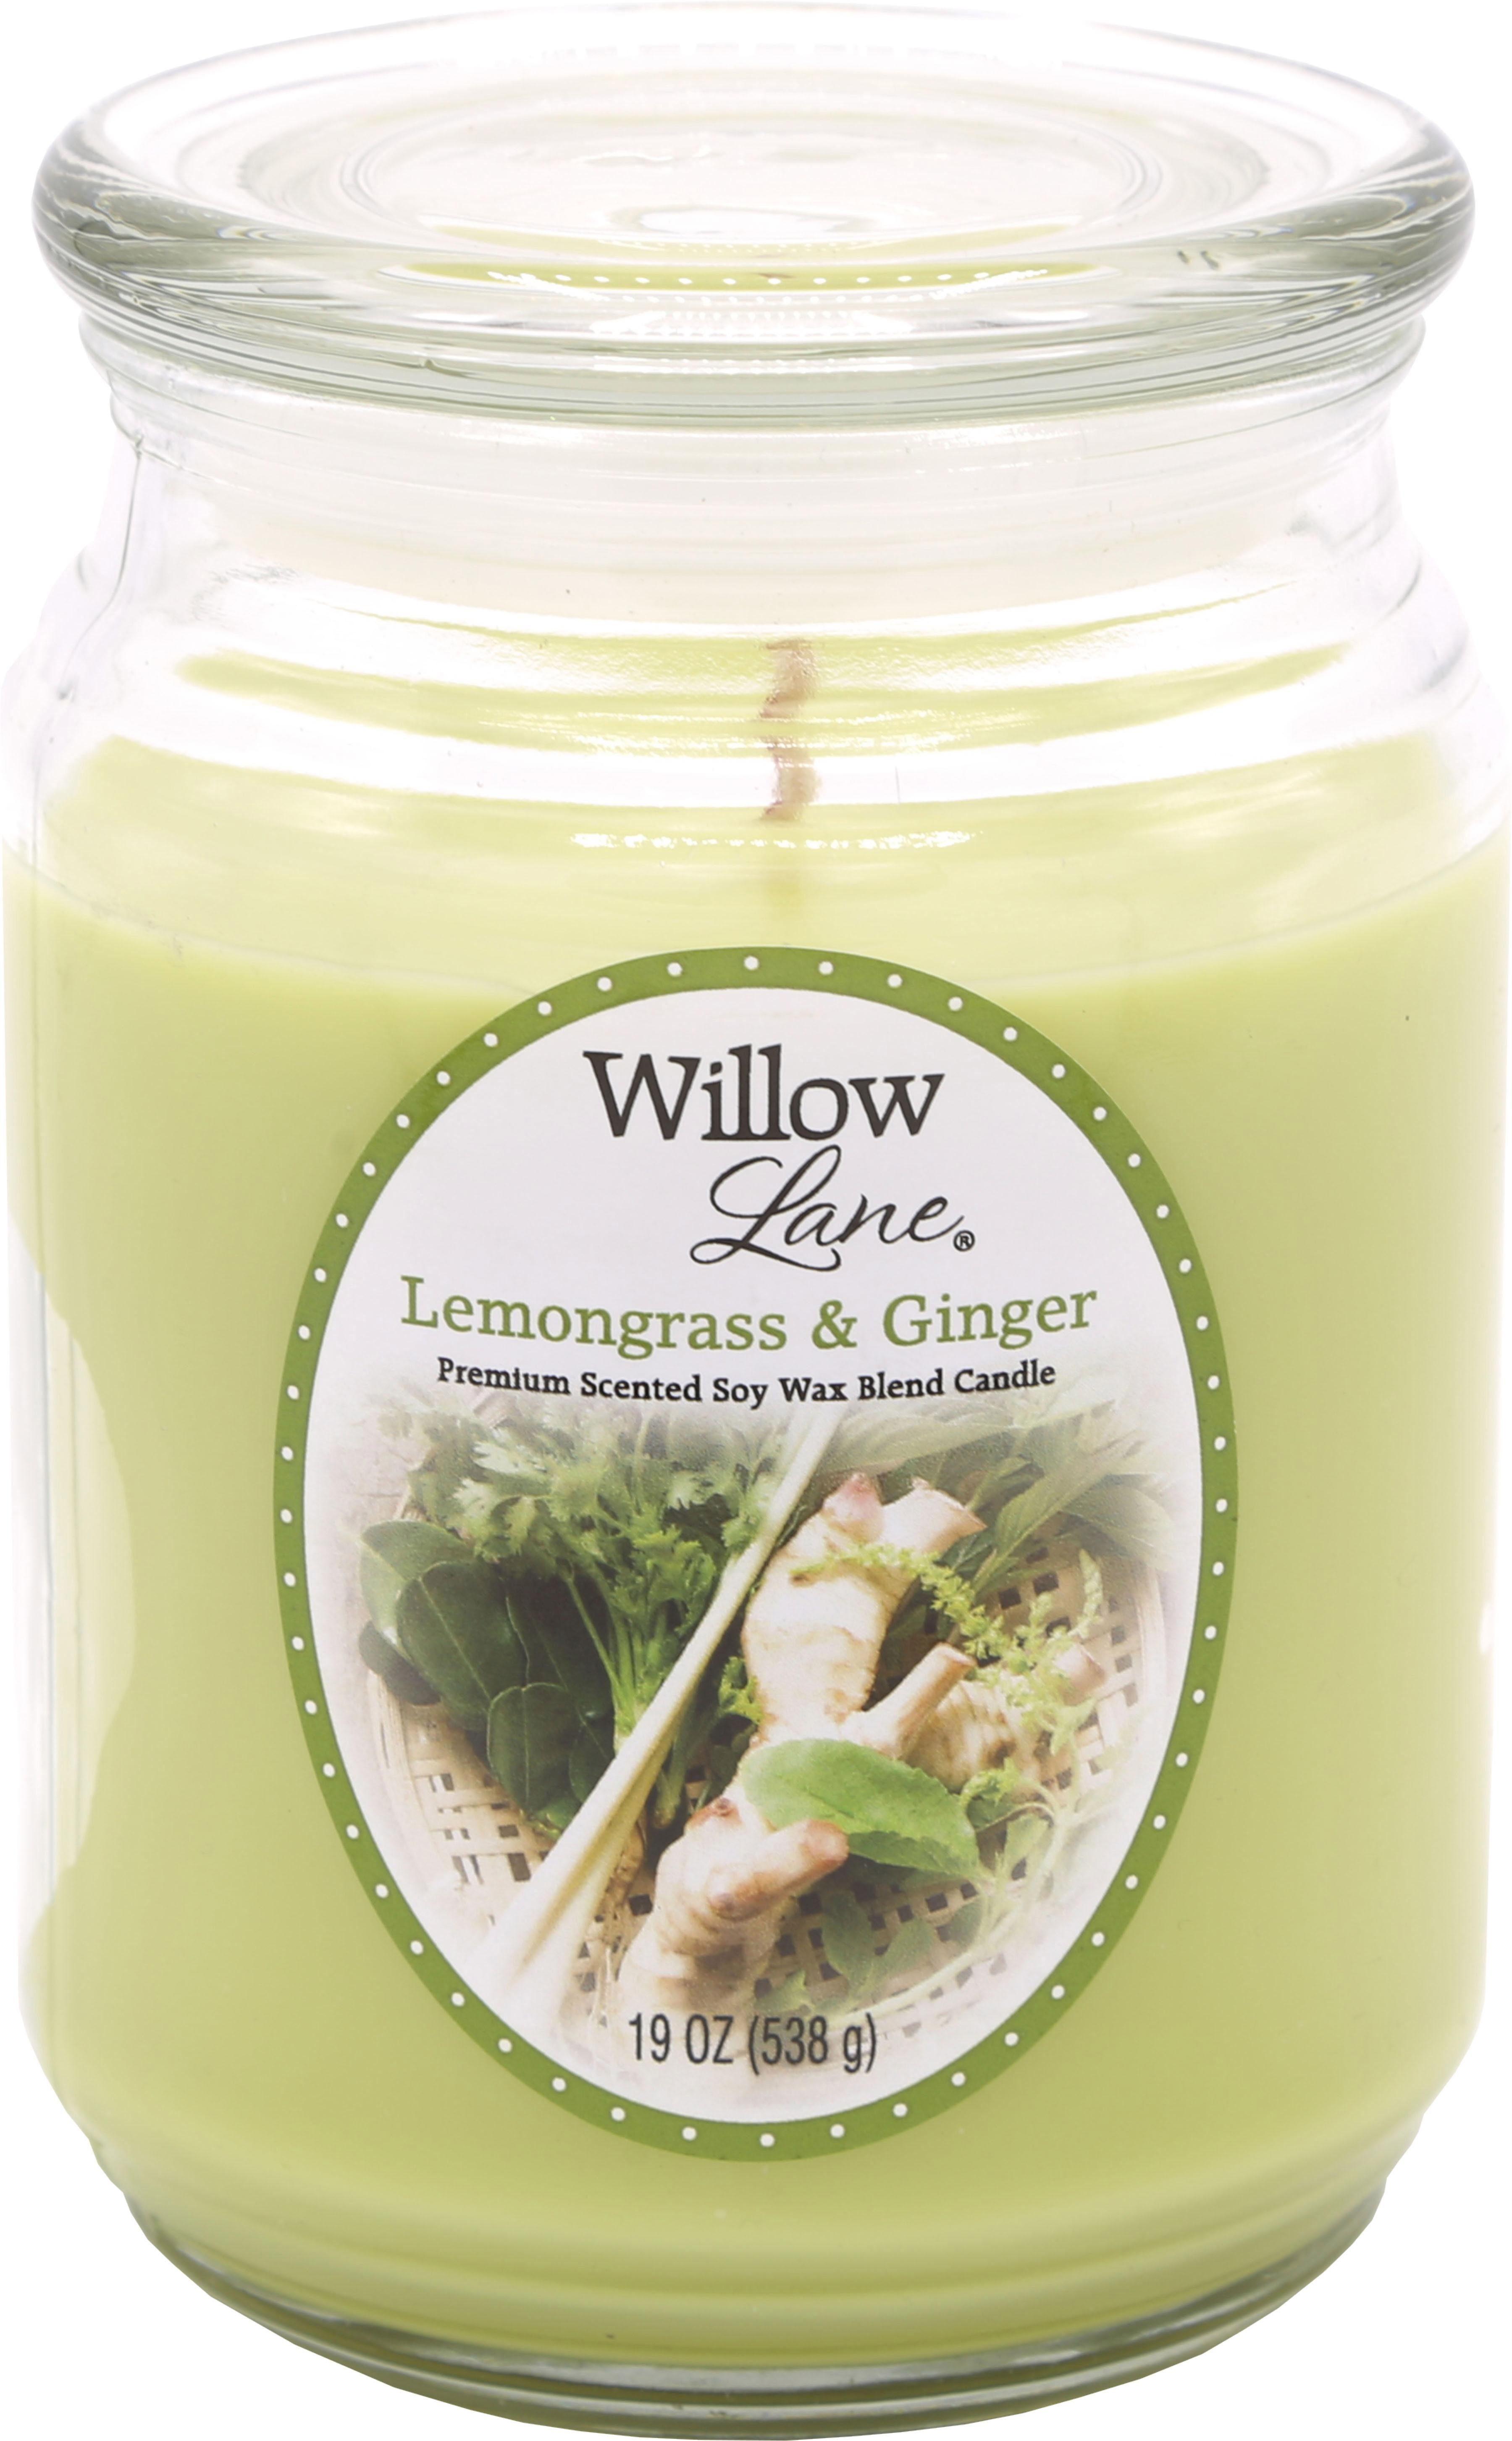 Candle-lite™ Duftkerze, 538 g, »Willow Lane - Lemongrass & Ginger«